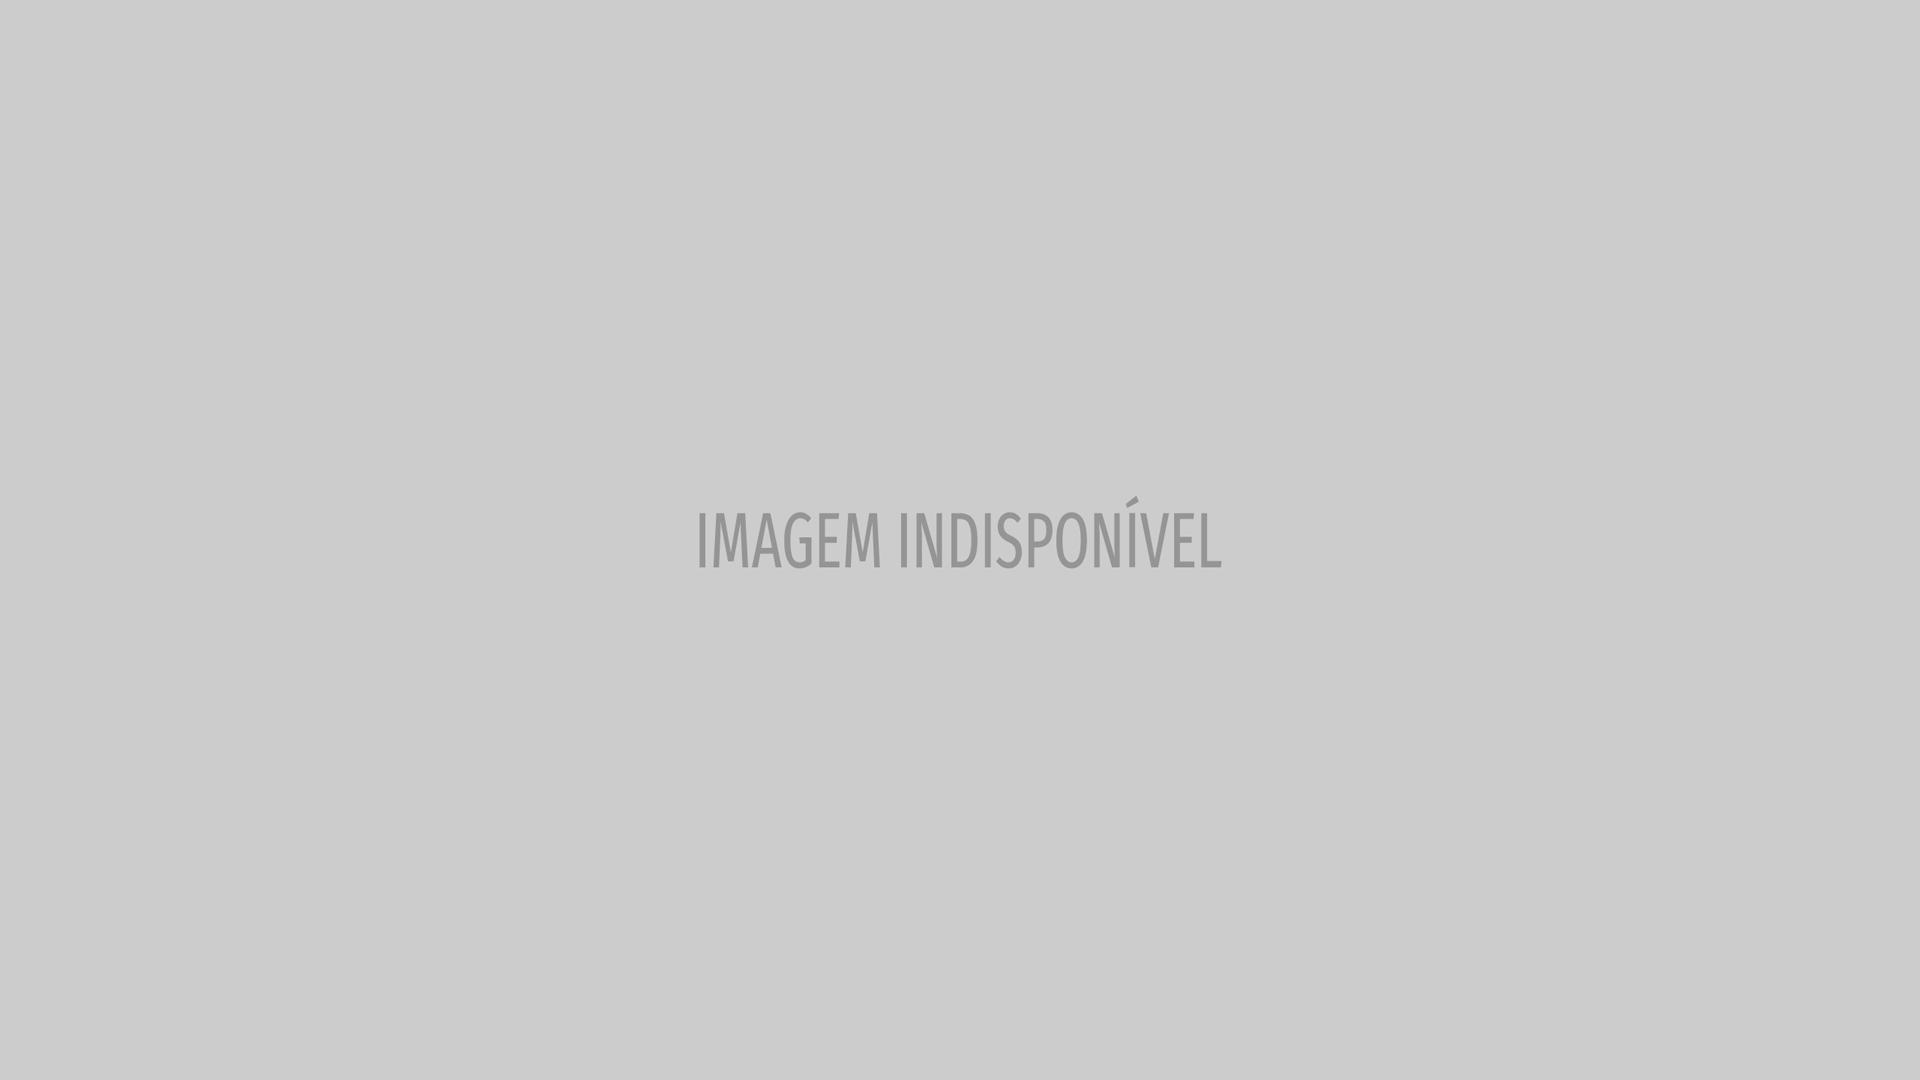 Anitta lança nova música em parceria com Rita Ora e Sofía Reyes